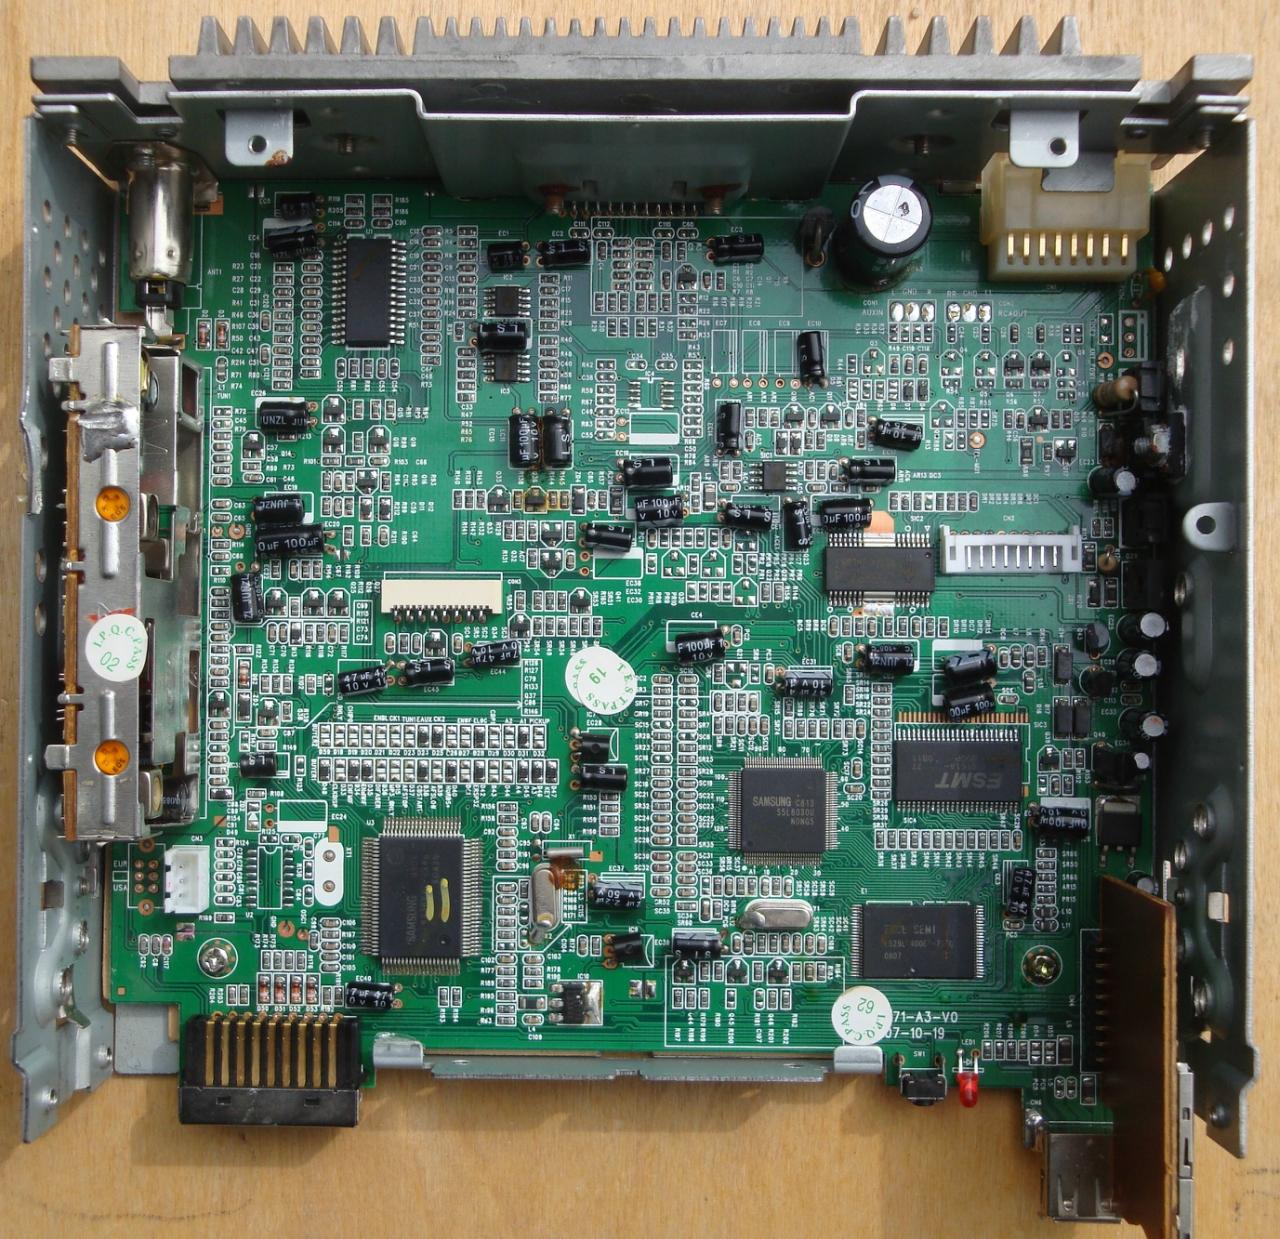 CU5071-A3-V0 2007-10-19.JPG